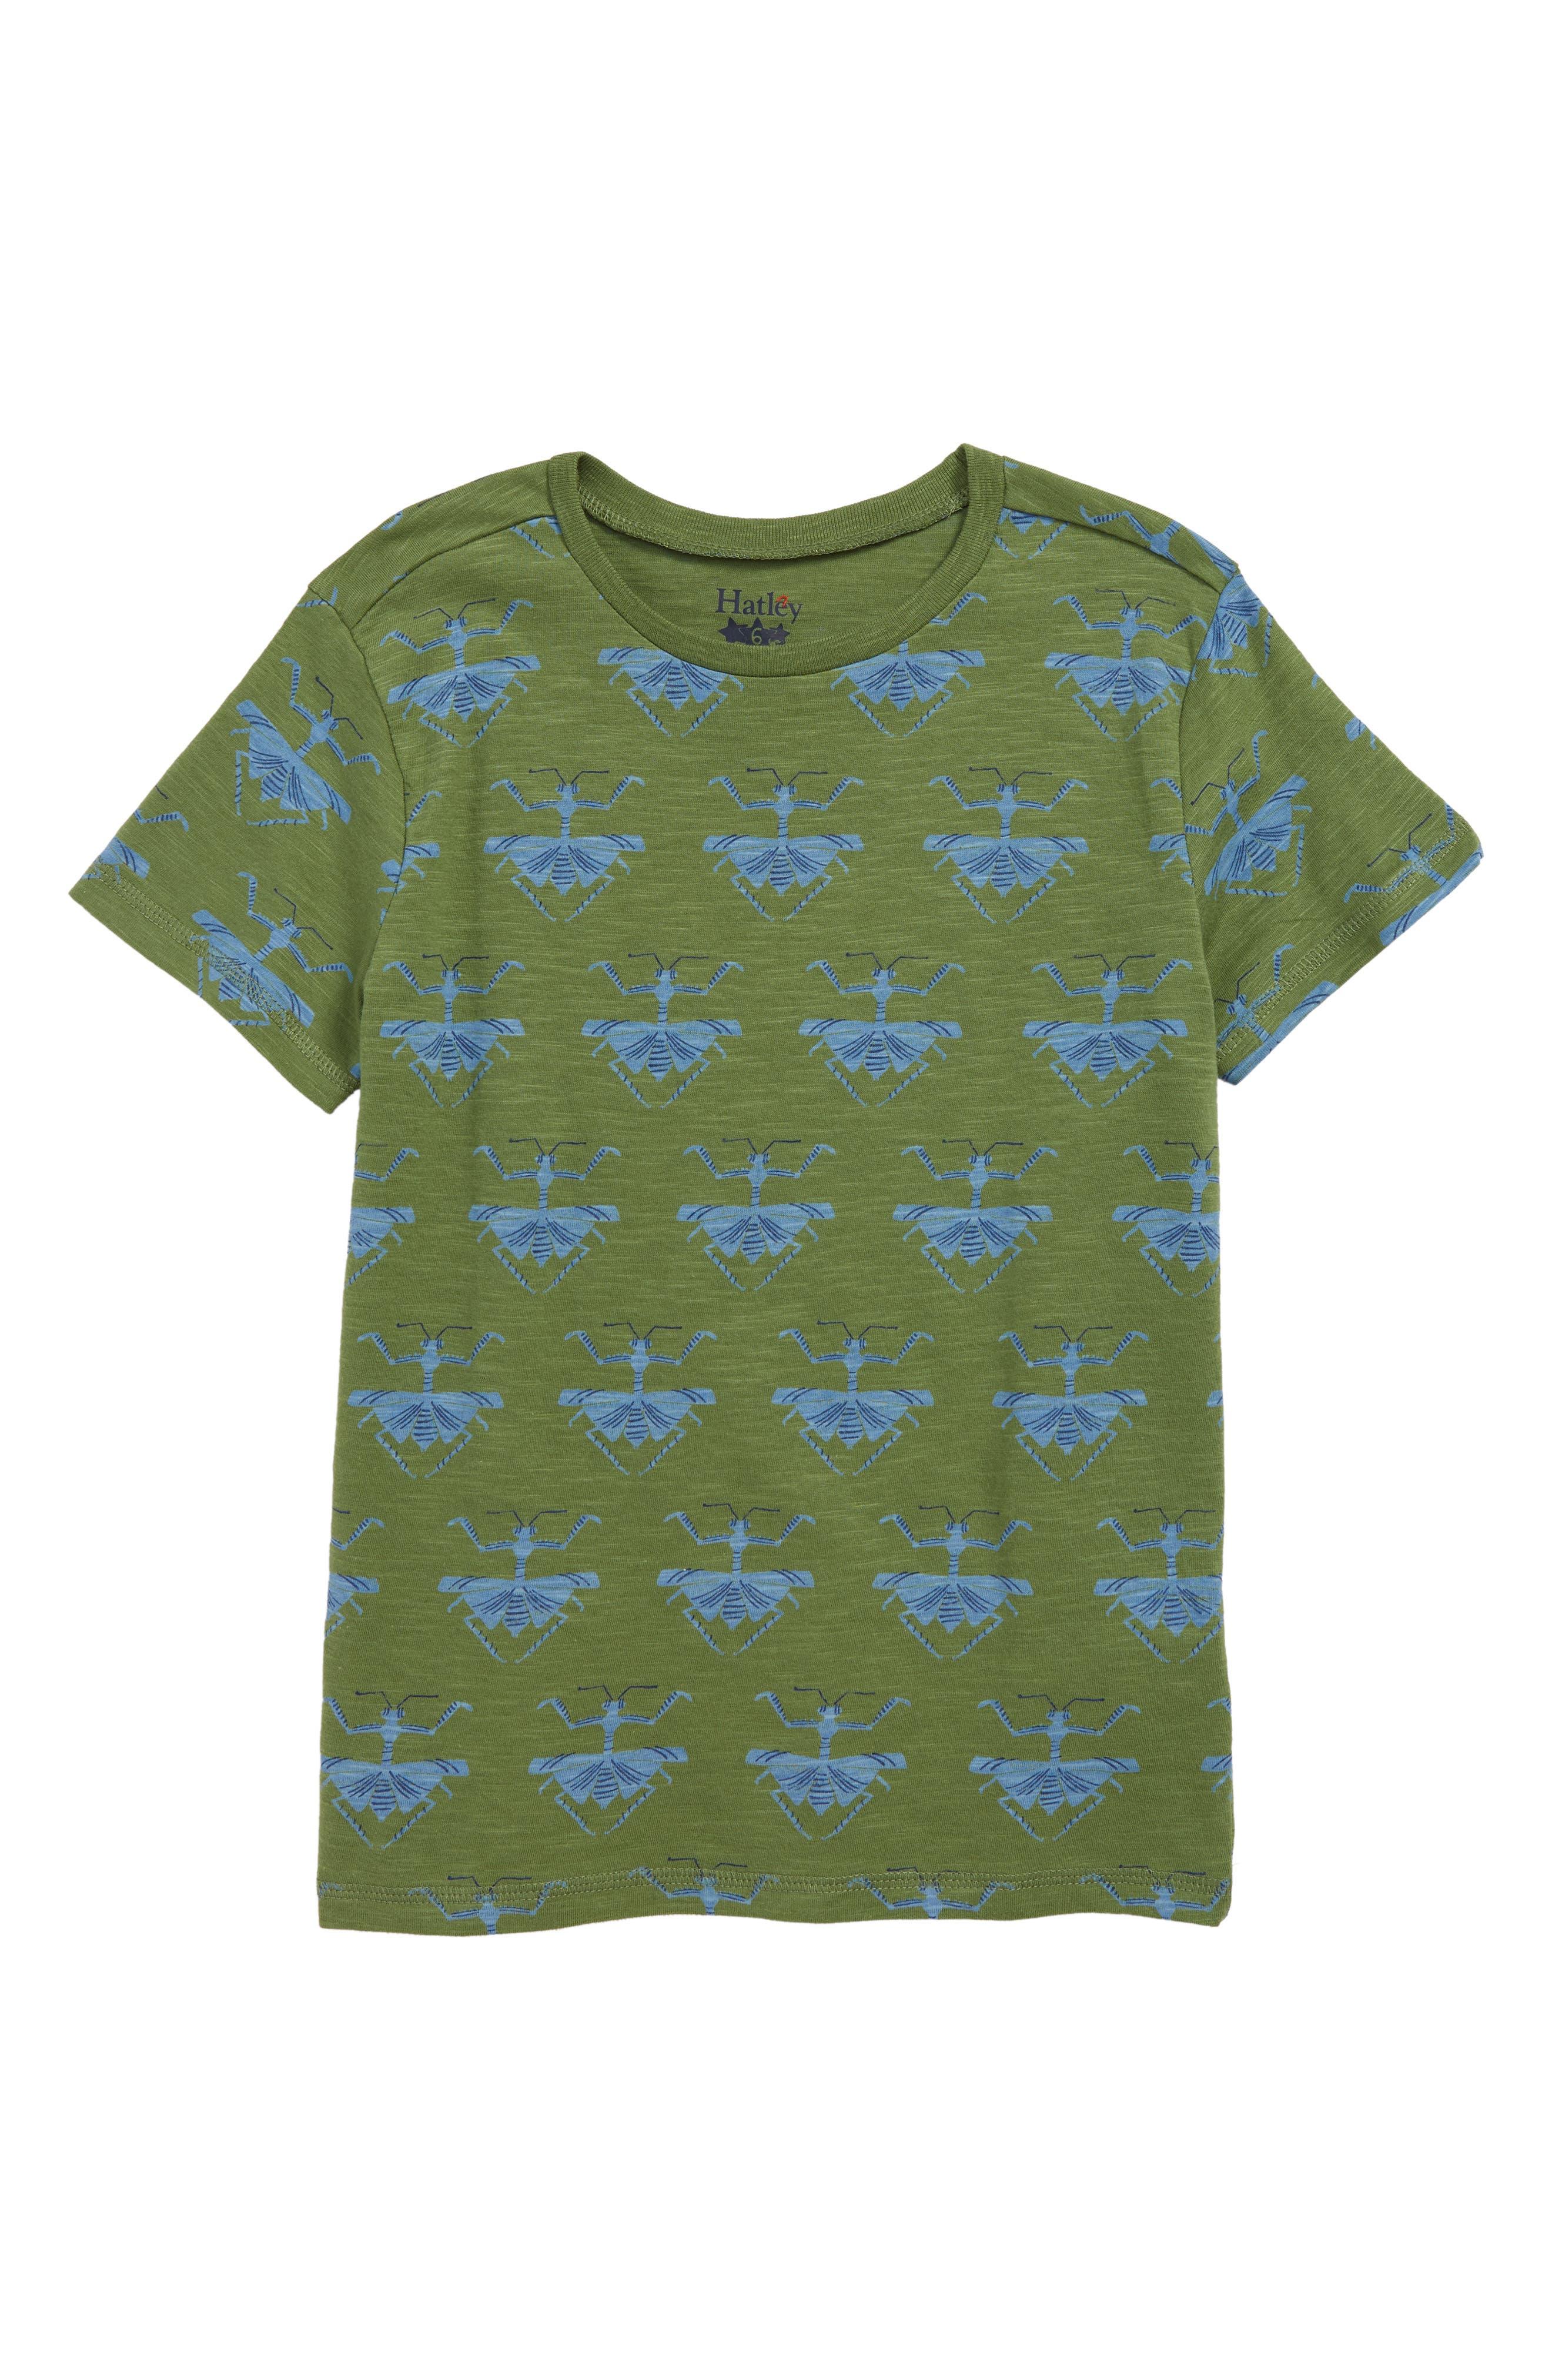 HATLEY, Mantises Graphic T-Shirt, Main thumbnail 1, color, GREEN